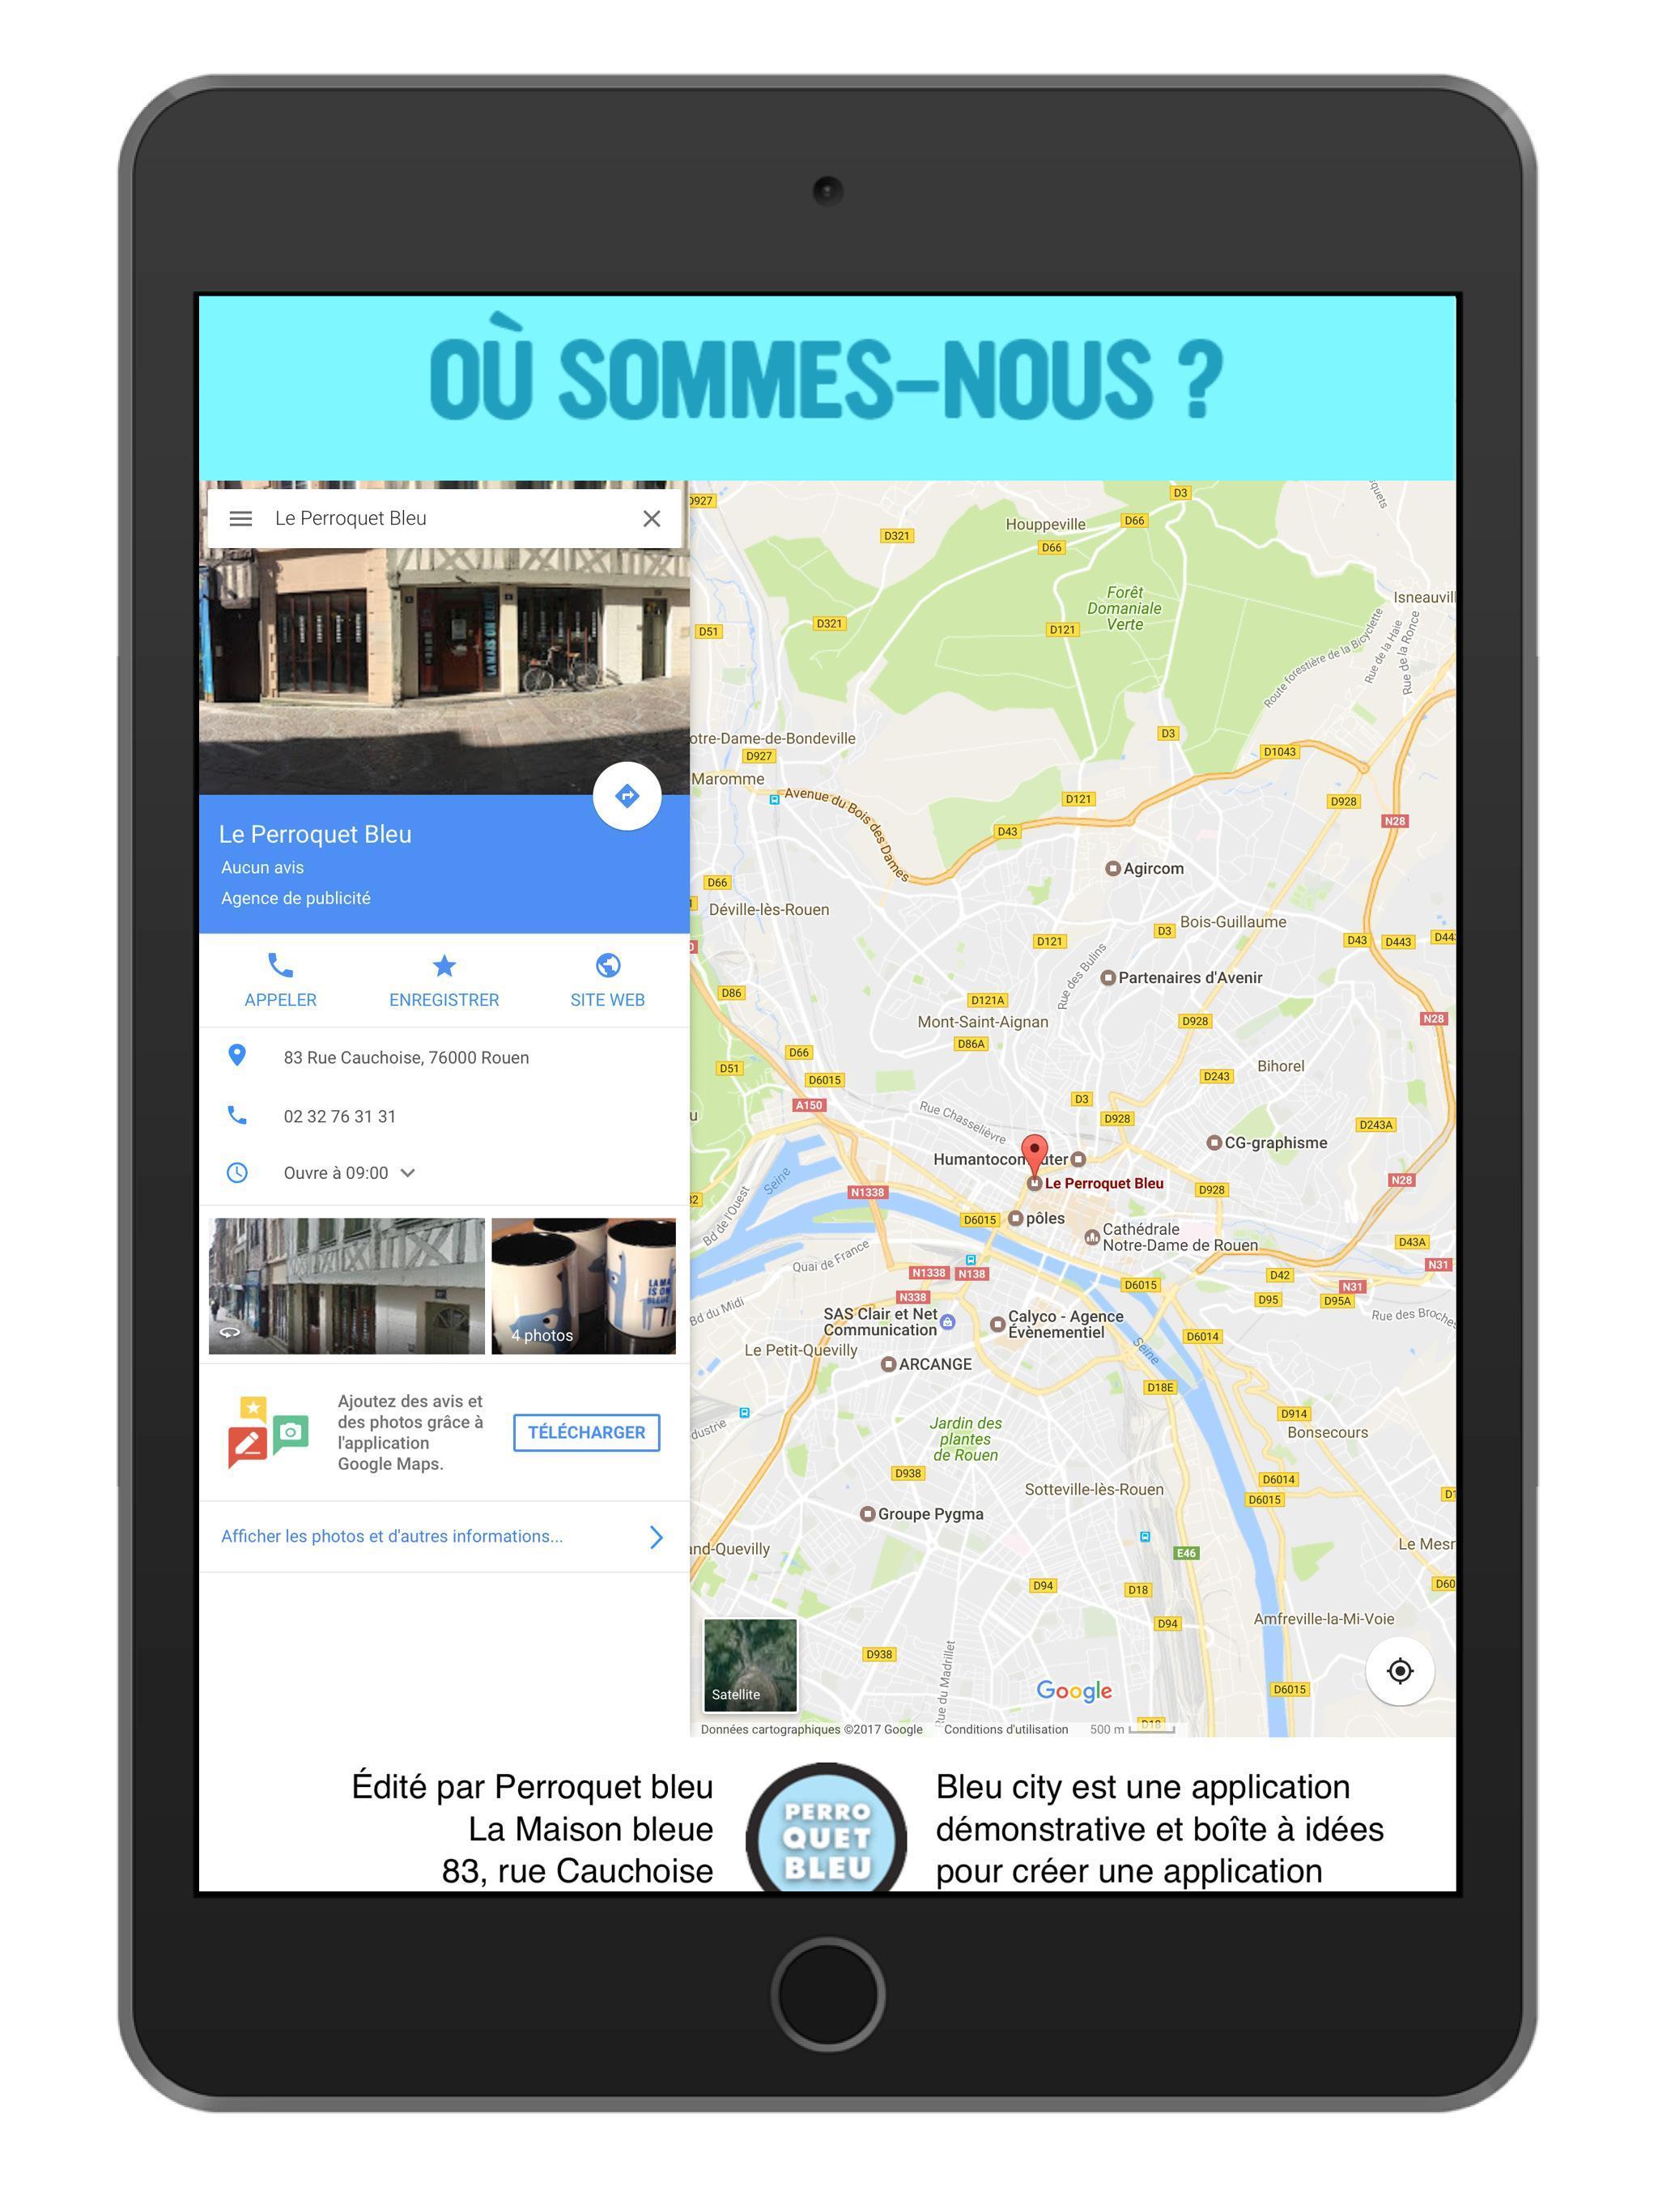 Perroquet bleu poster